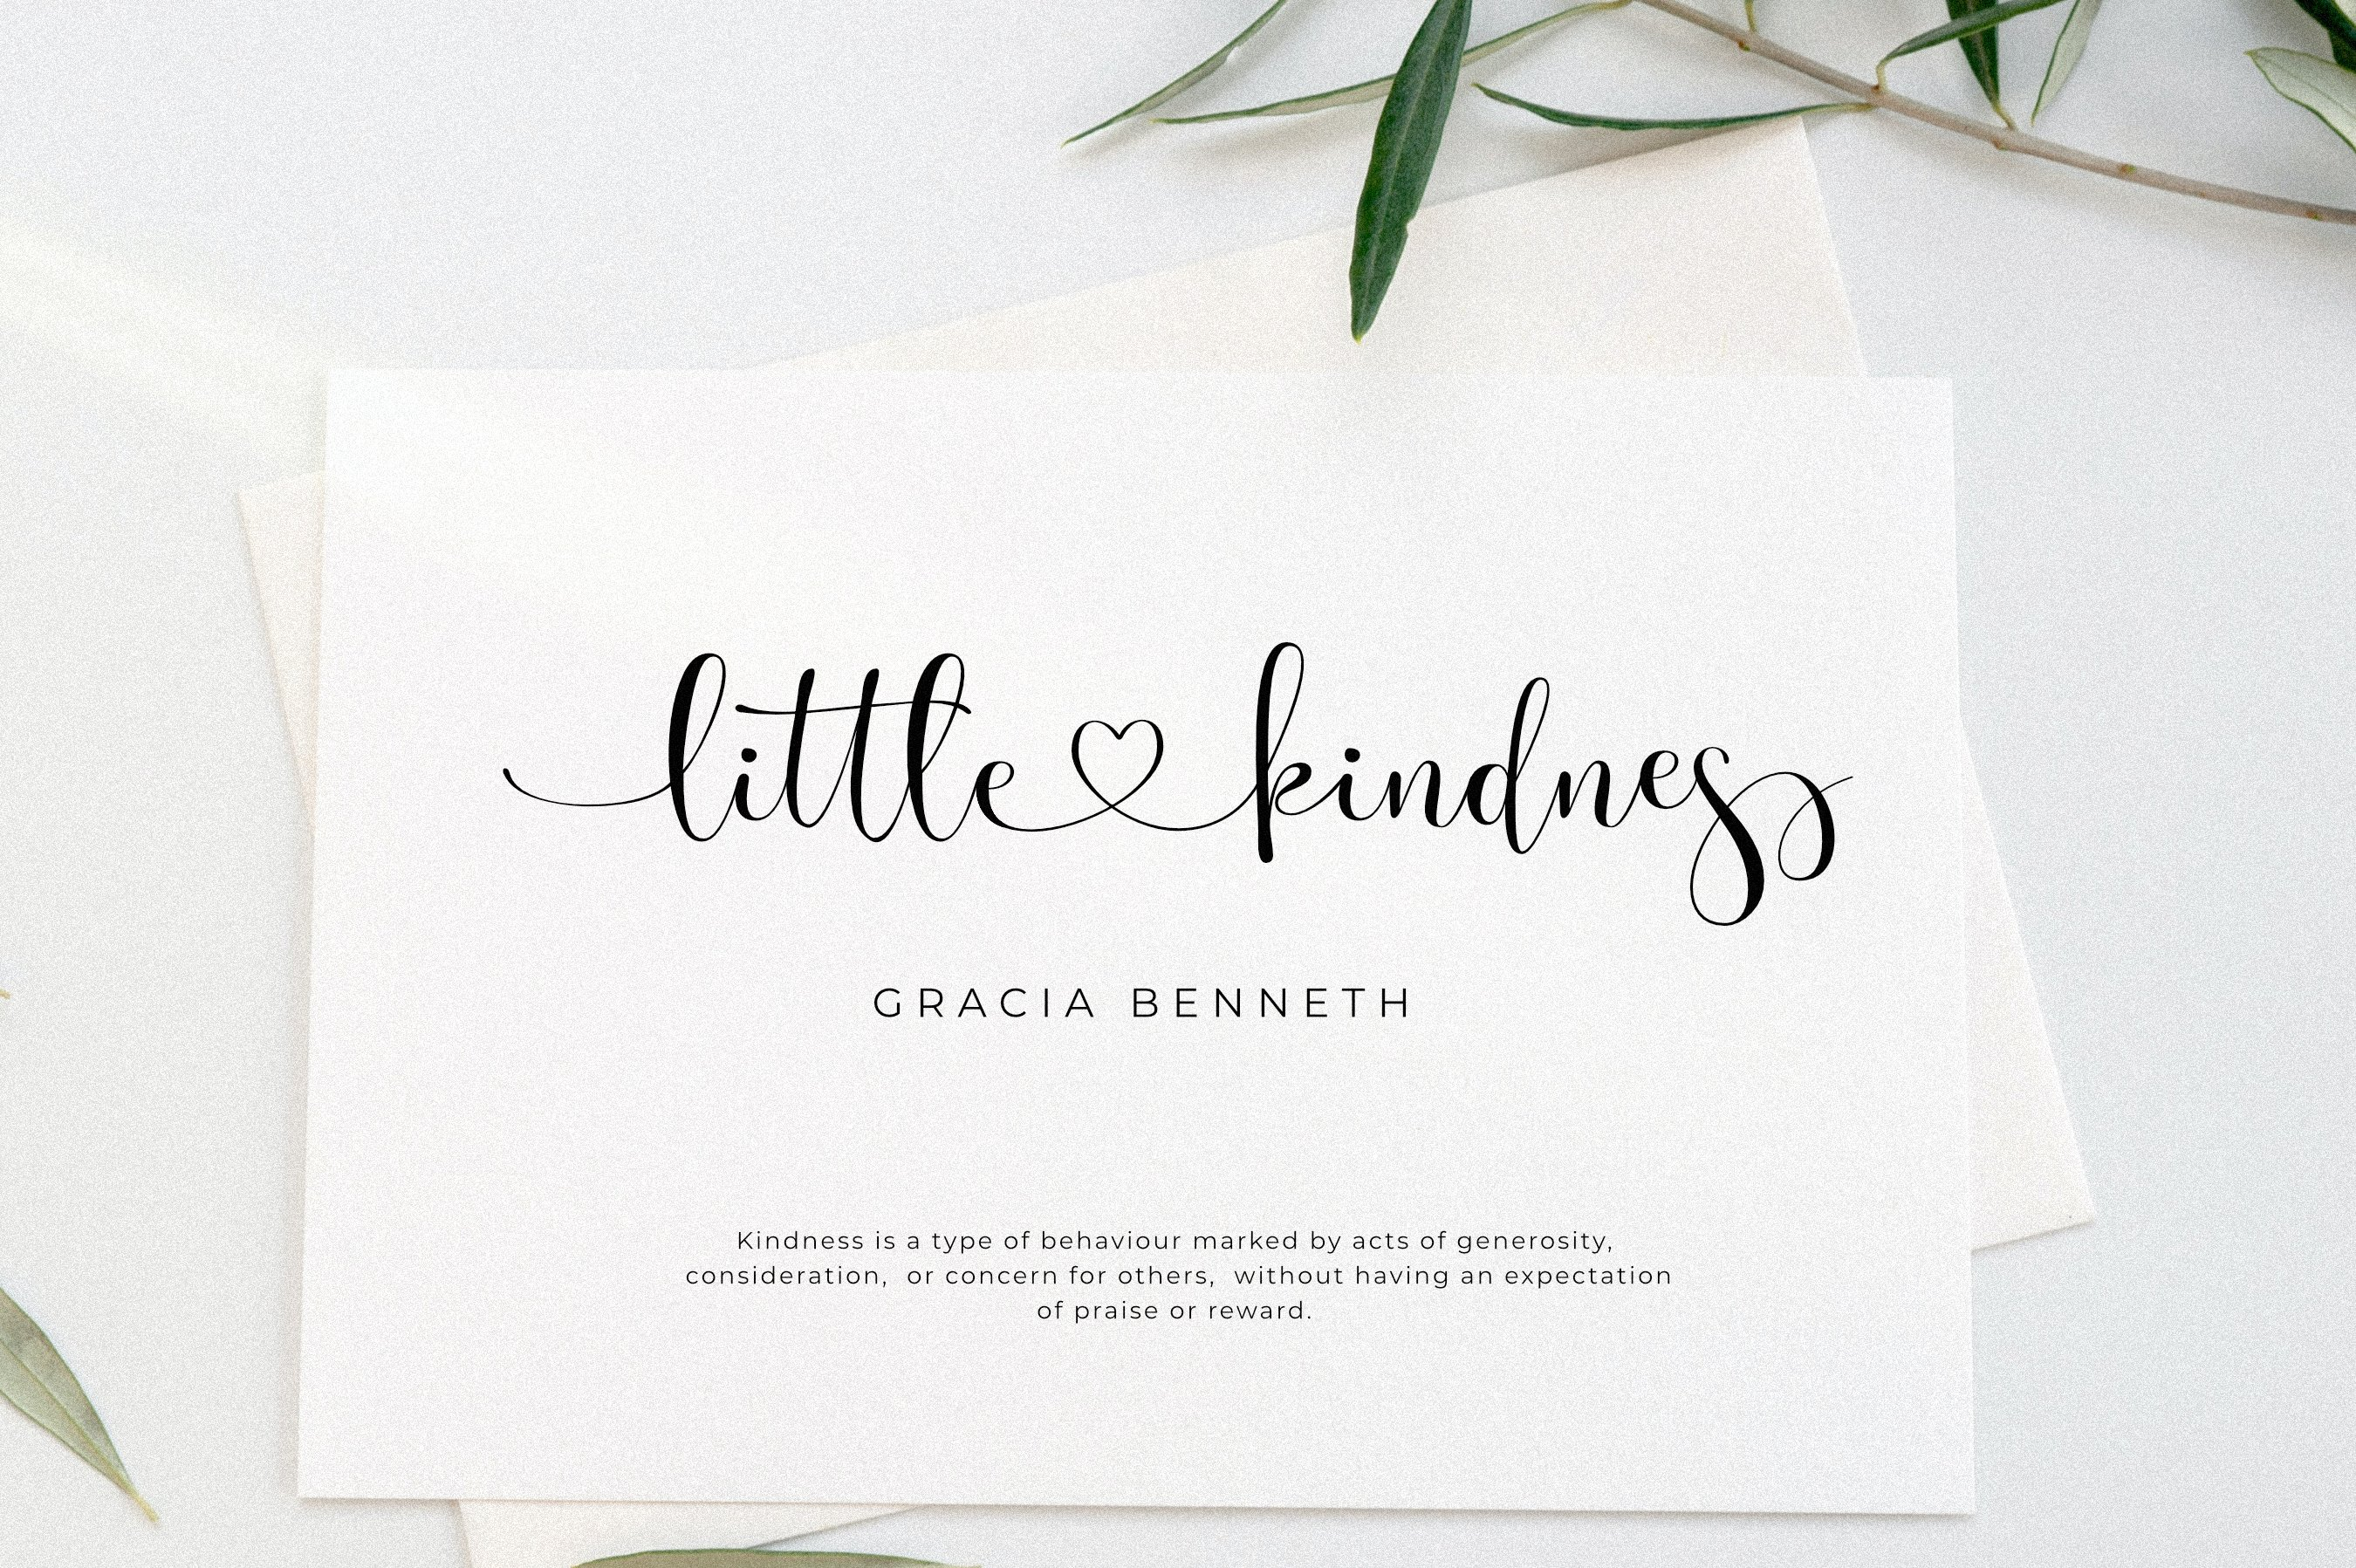 时尚优雅海报标题品牌Logo设计手写英文字体素材 Olivia James – Chic Font插图6